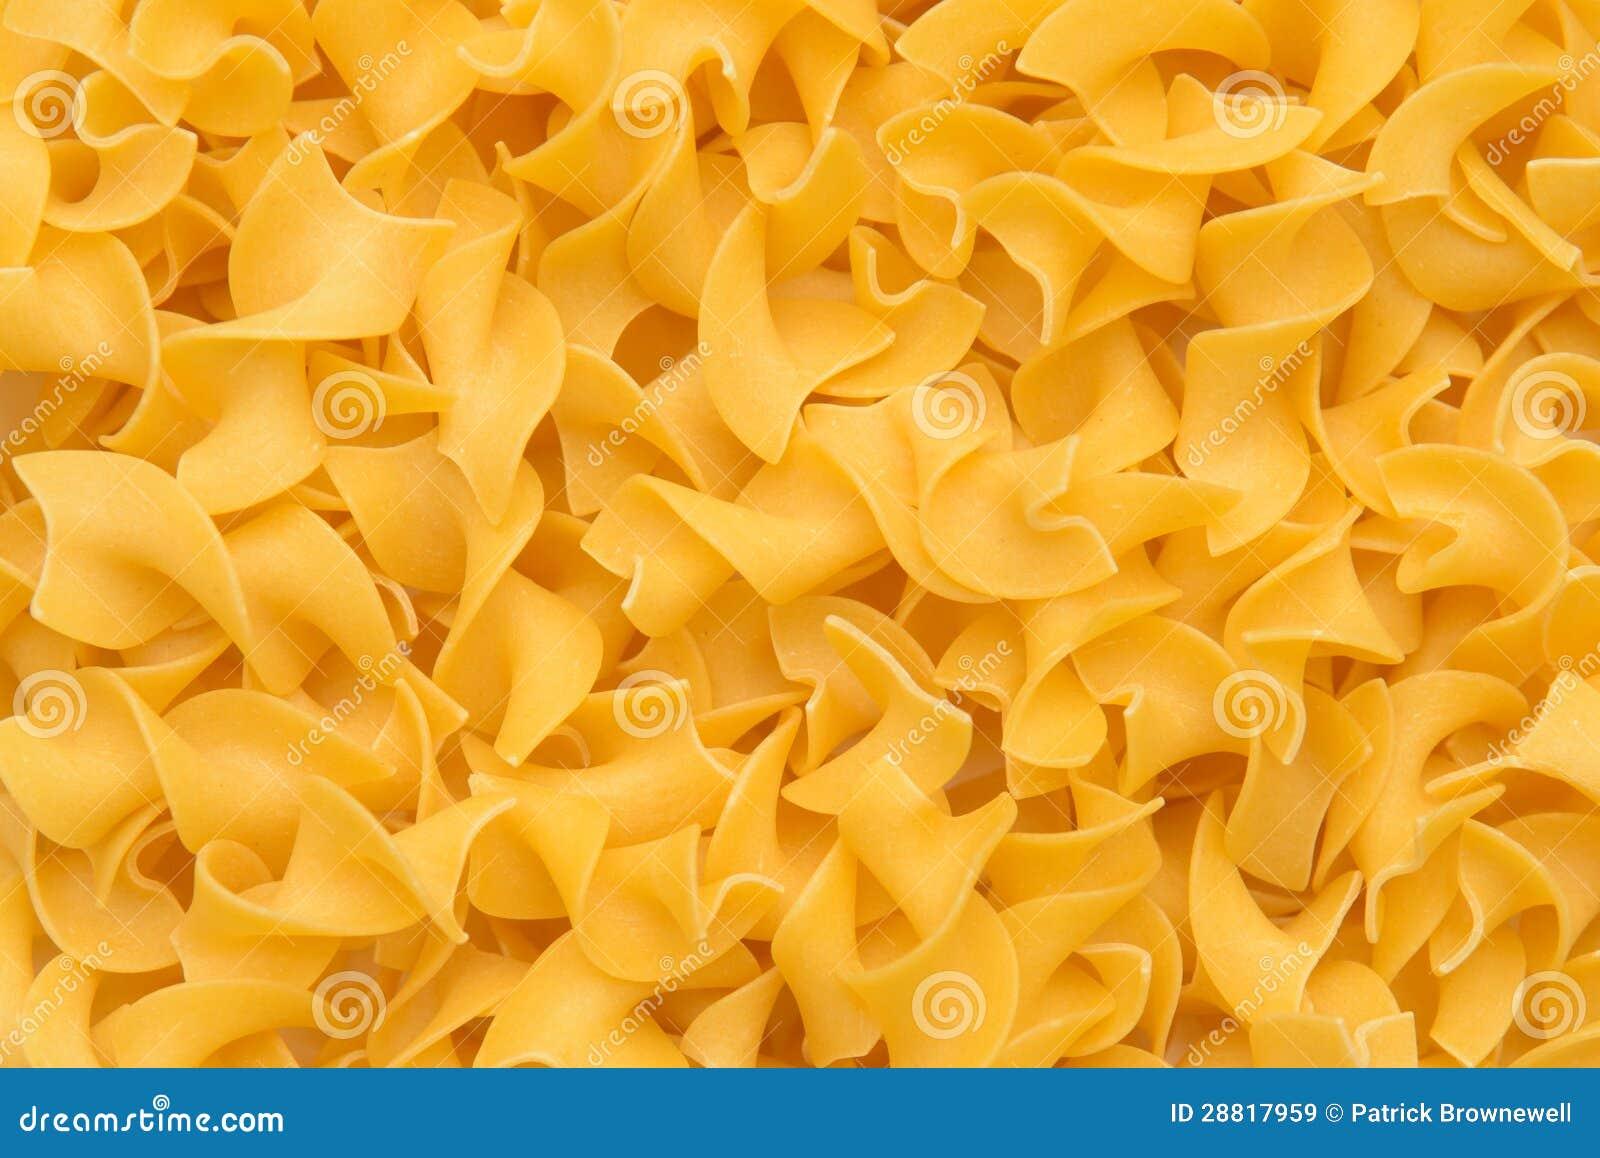 egg noodles stock image image of yellow cuisine noodle 28817959. Black Bedroom Furniture Sets. Home Design Ideas